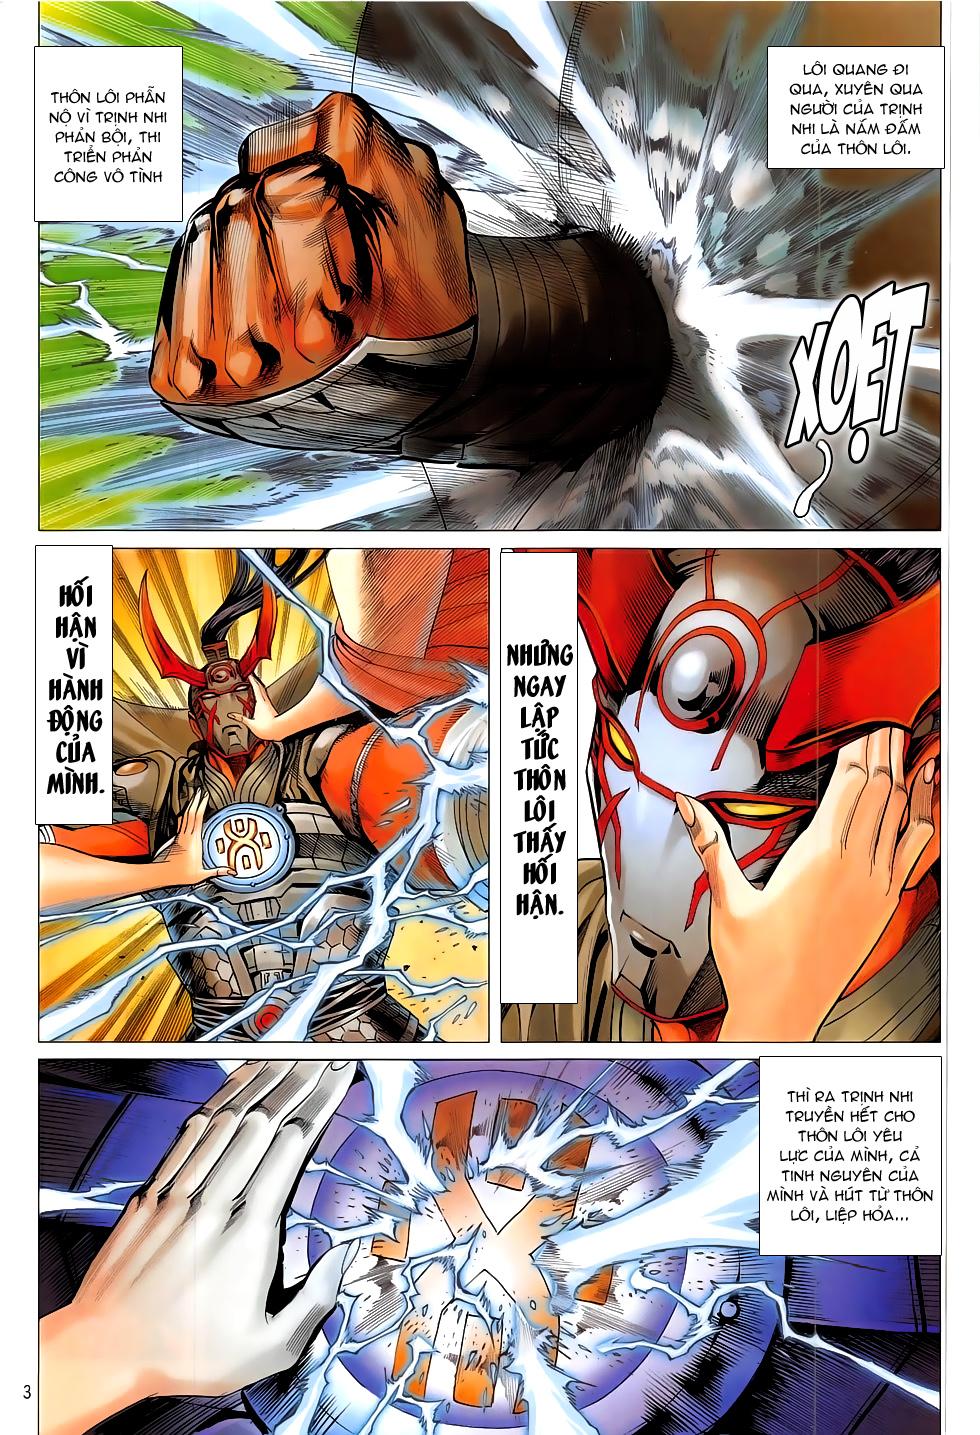 Chiến Phổ chap 20 - Trang 4